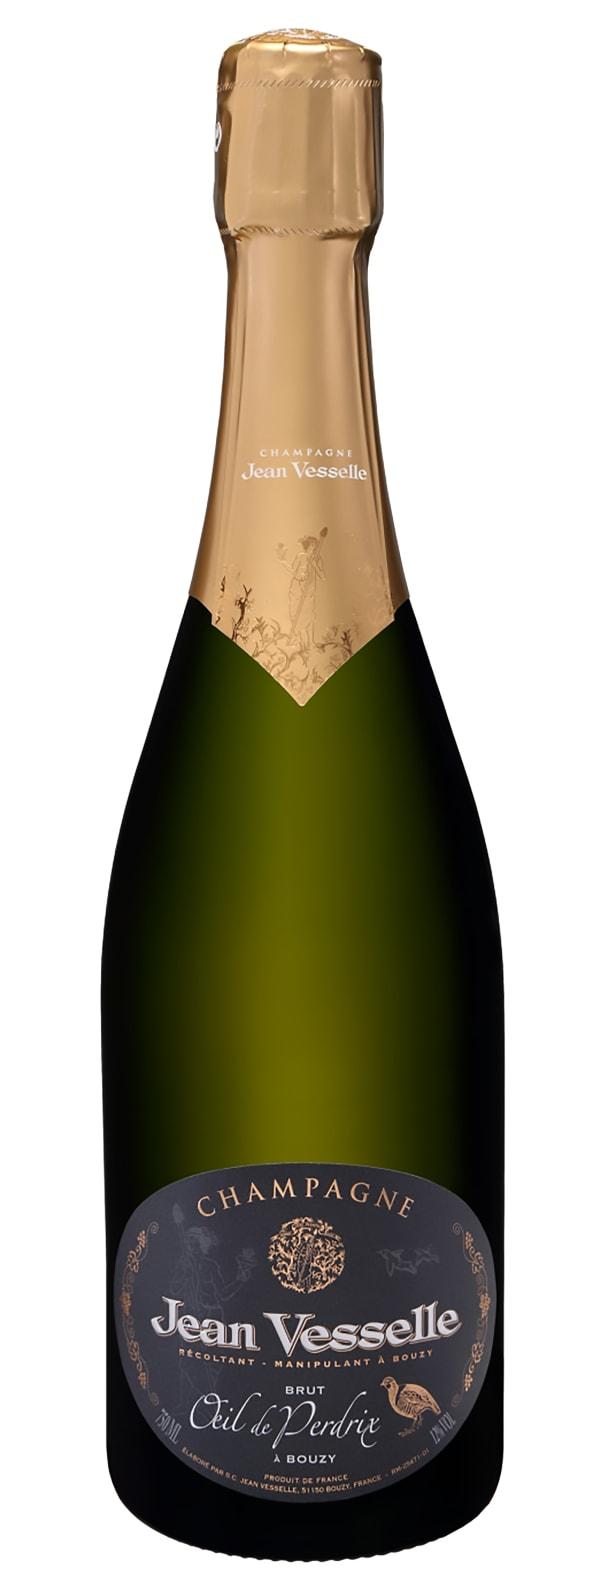 Jean Vesselle Oeil de Perdrix Champagne Brut